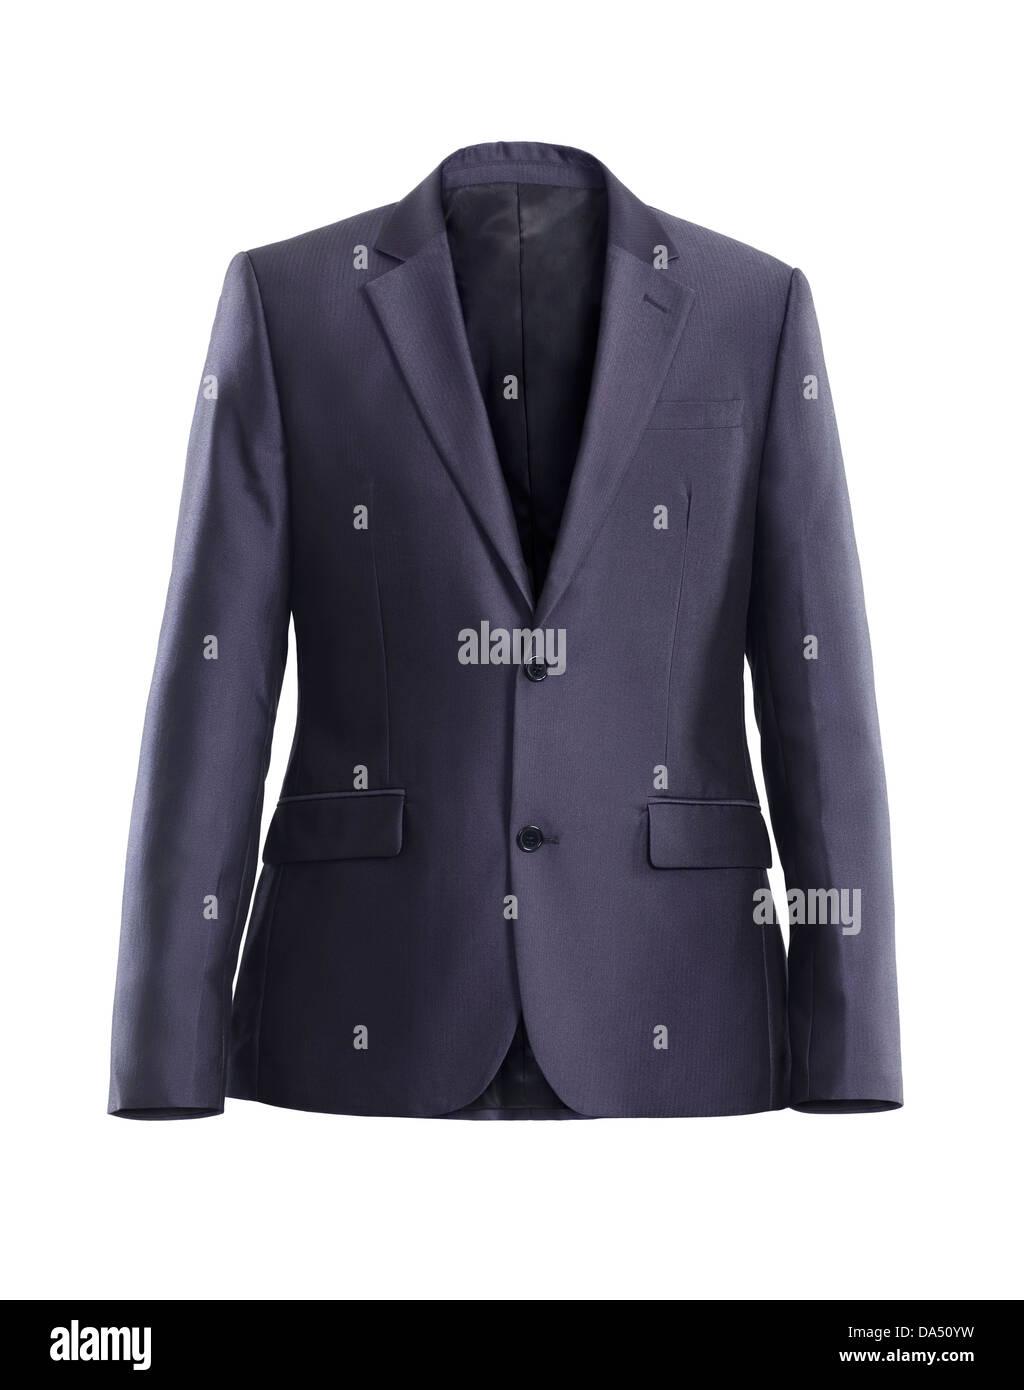 20760c88dfa9 Business suit jacket